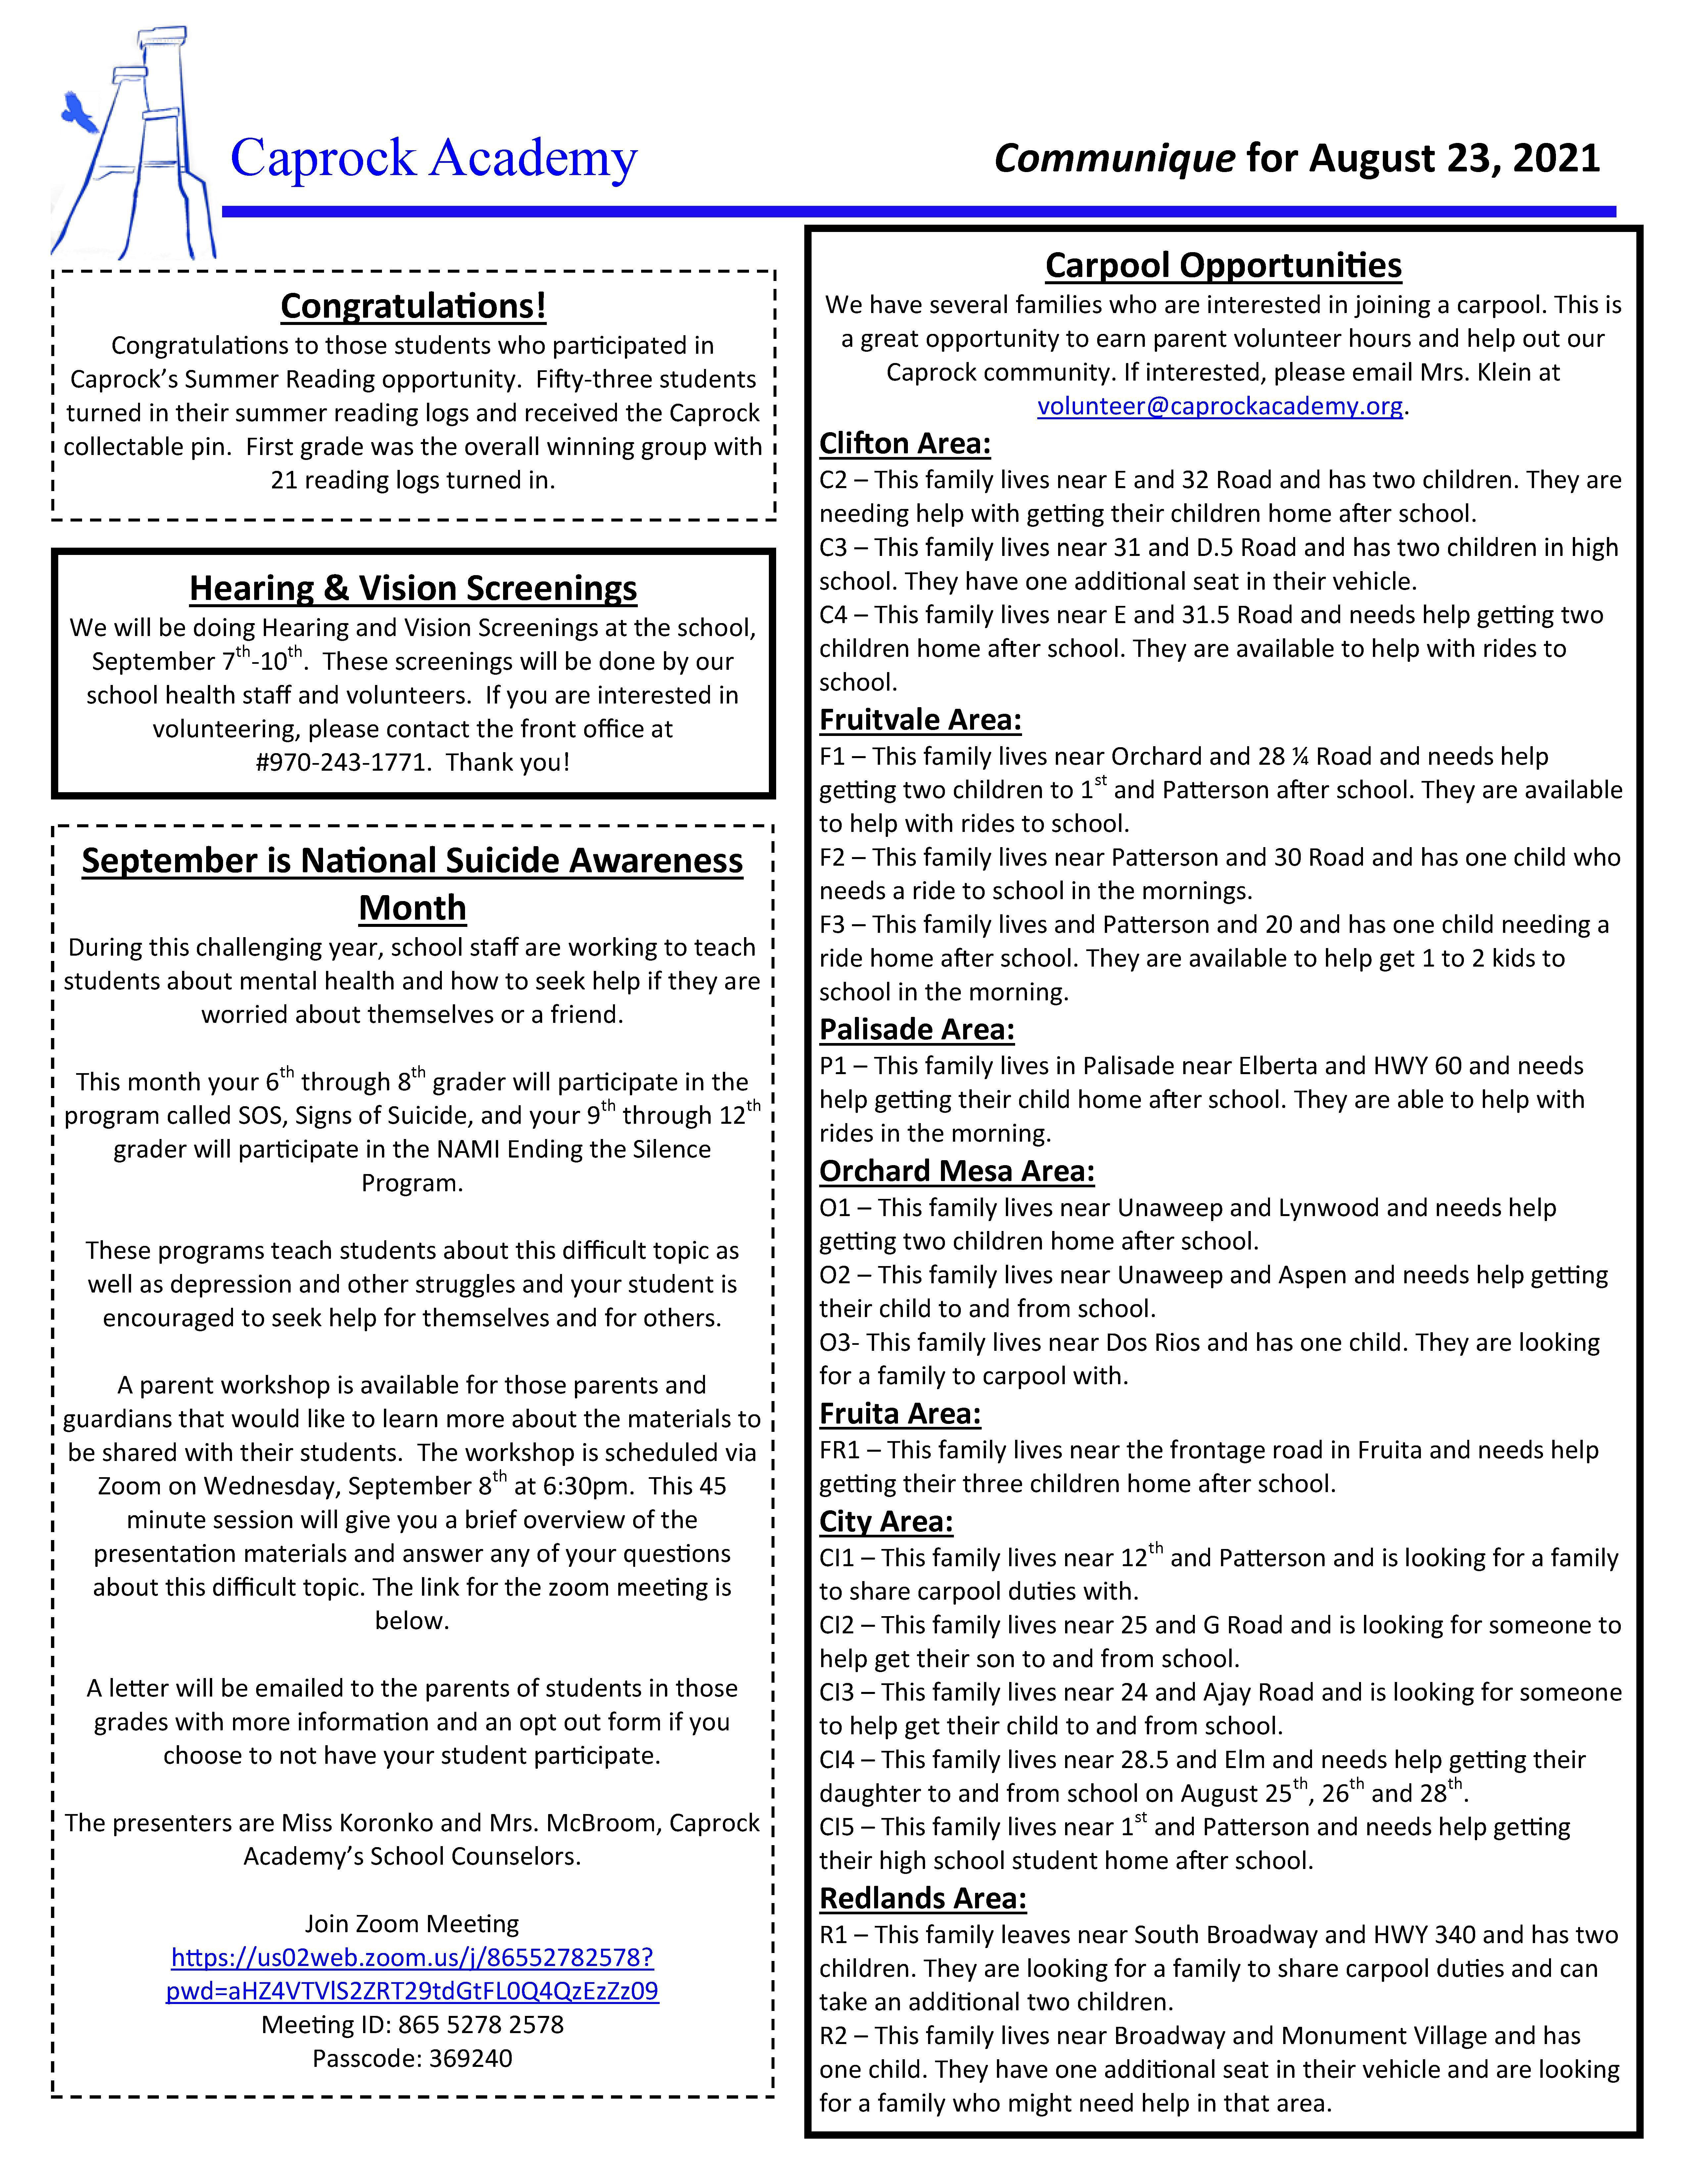 Caprock Communique 8-23-21 page 2 of 2